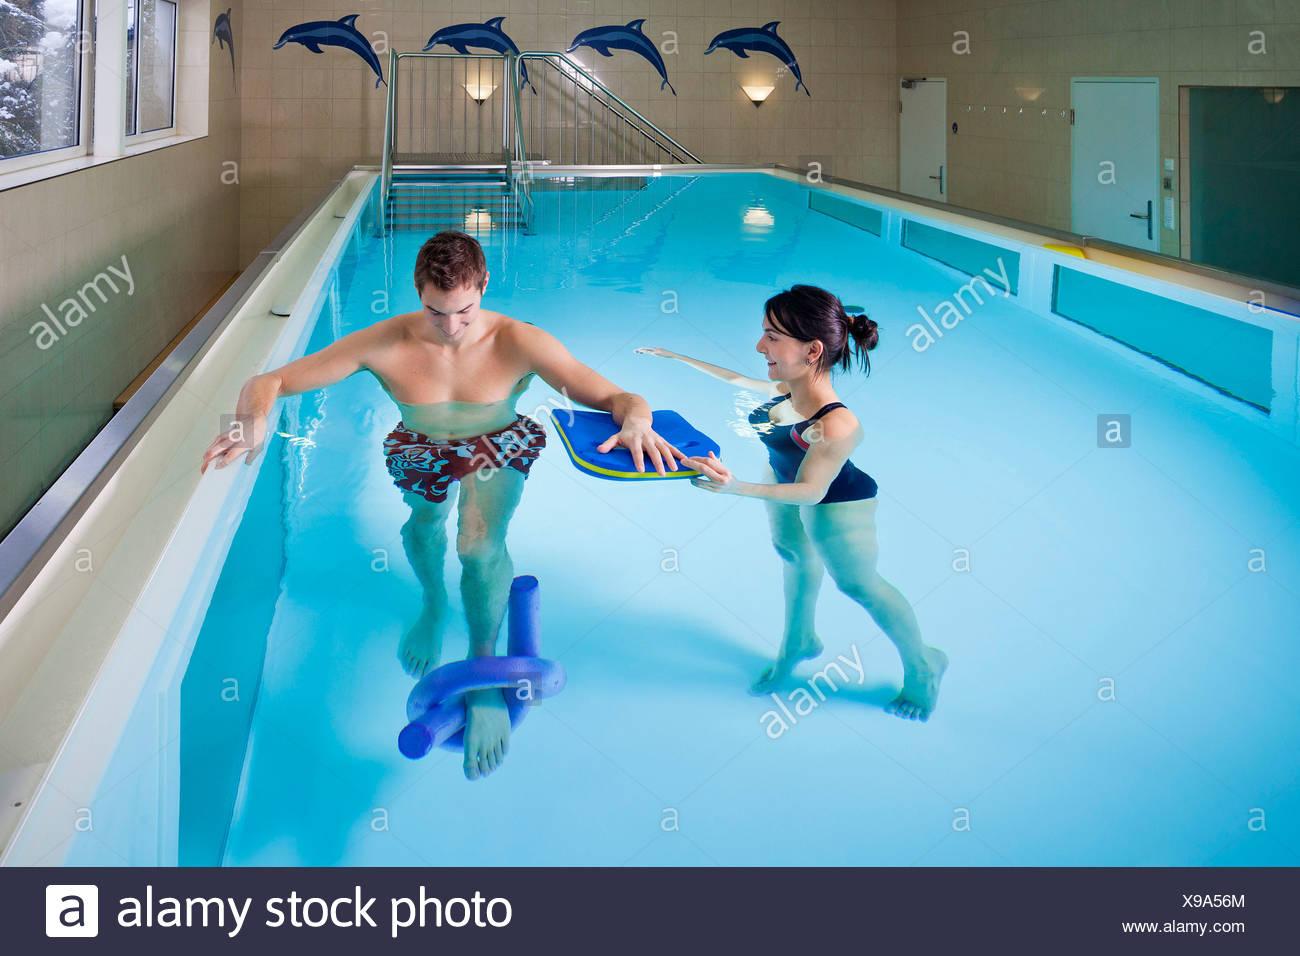 Patienten und Physiotherapeuten während Unterwassertherapie Stockbild